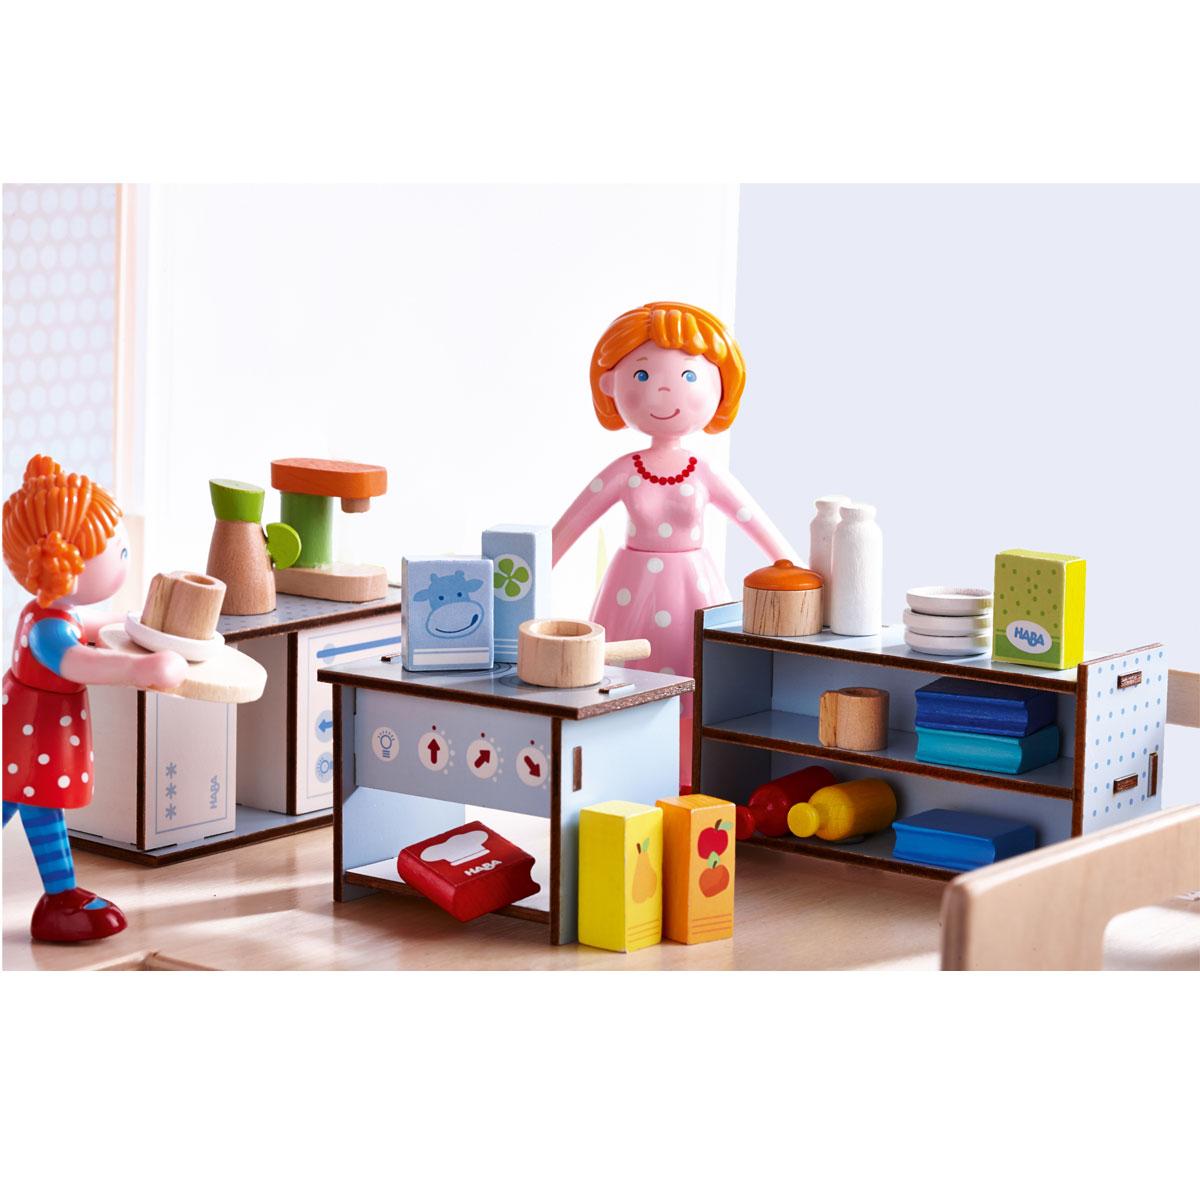 Haba little friends accessori per casa di bambole cucina - Cucina per casa ...